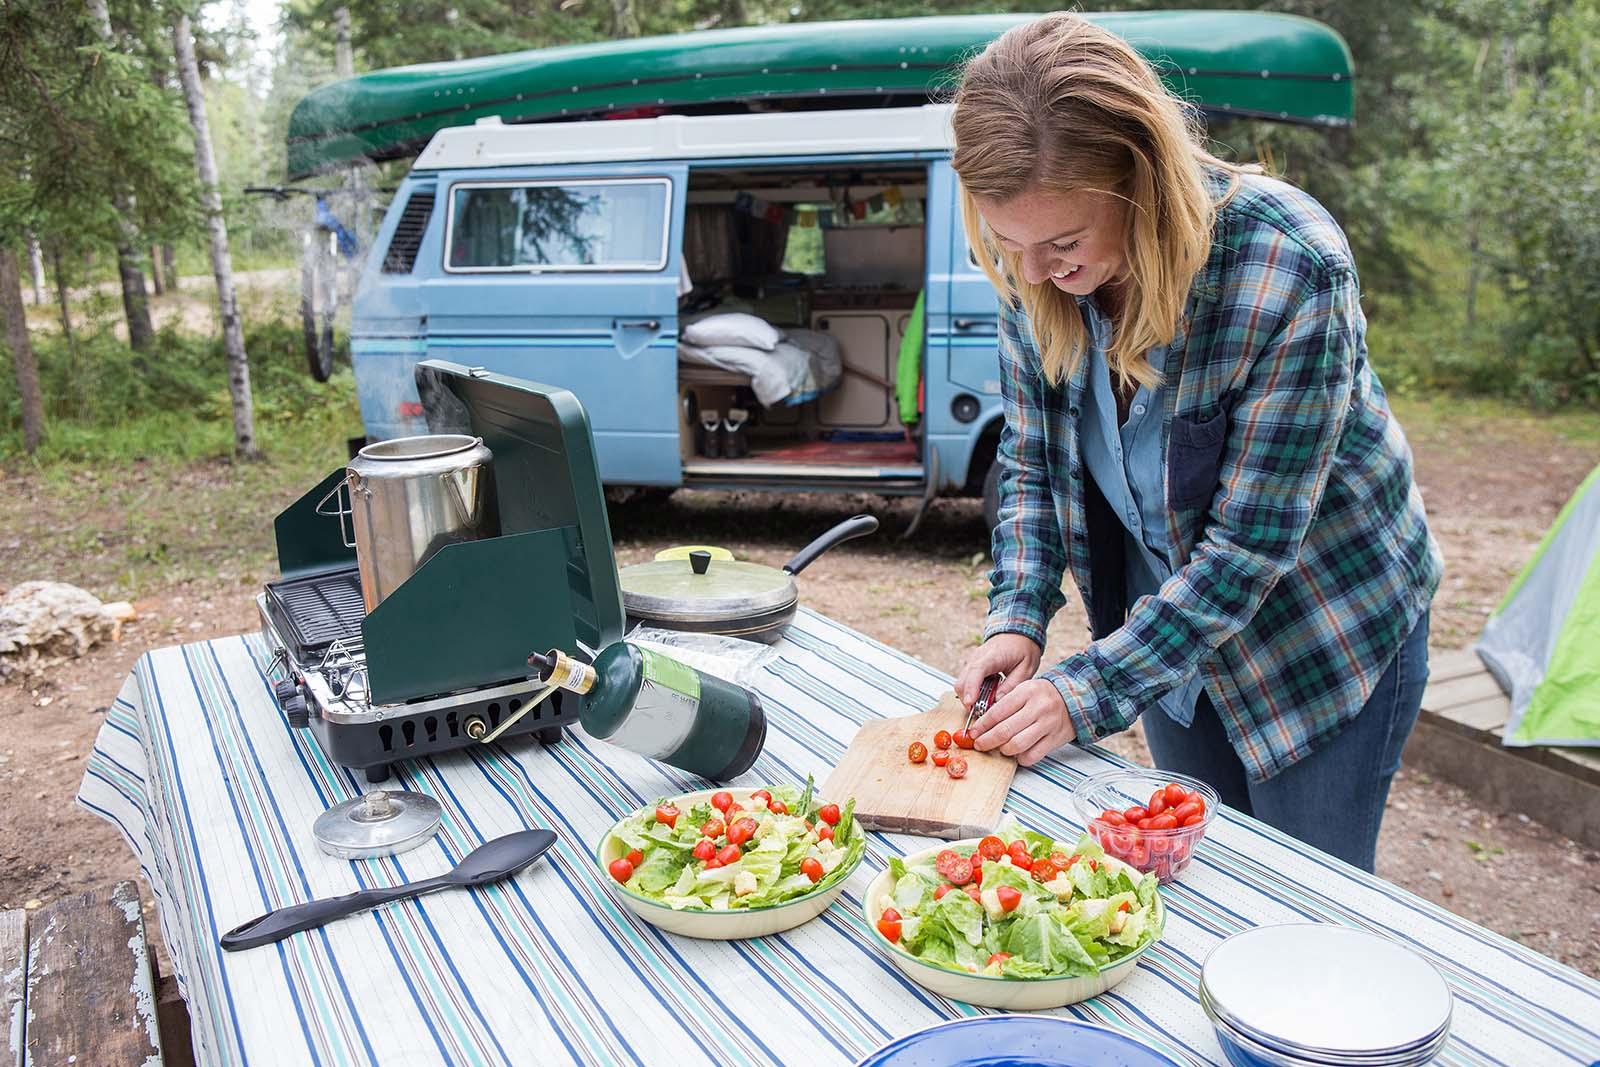 woman preparing food campsite